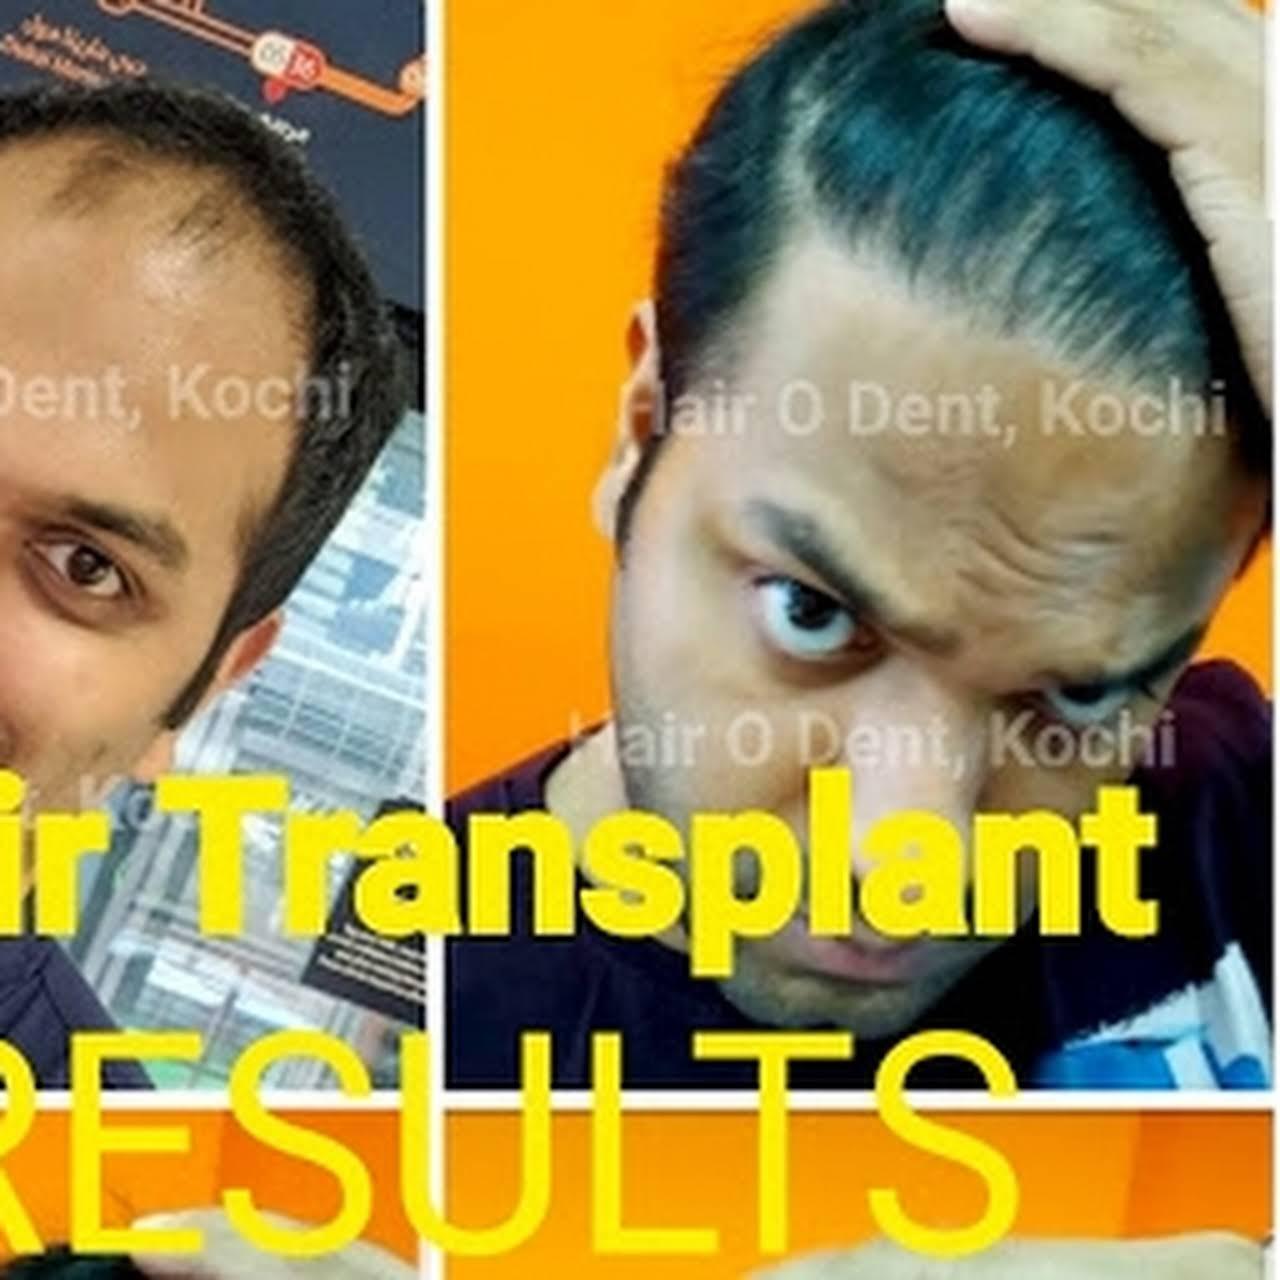 Hair O Dent - FUE Hair Transplant